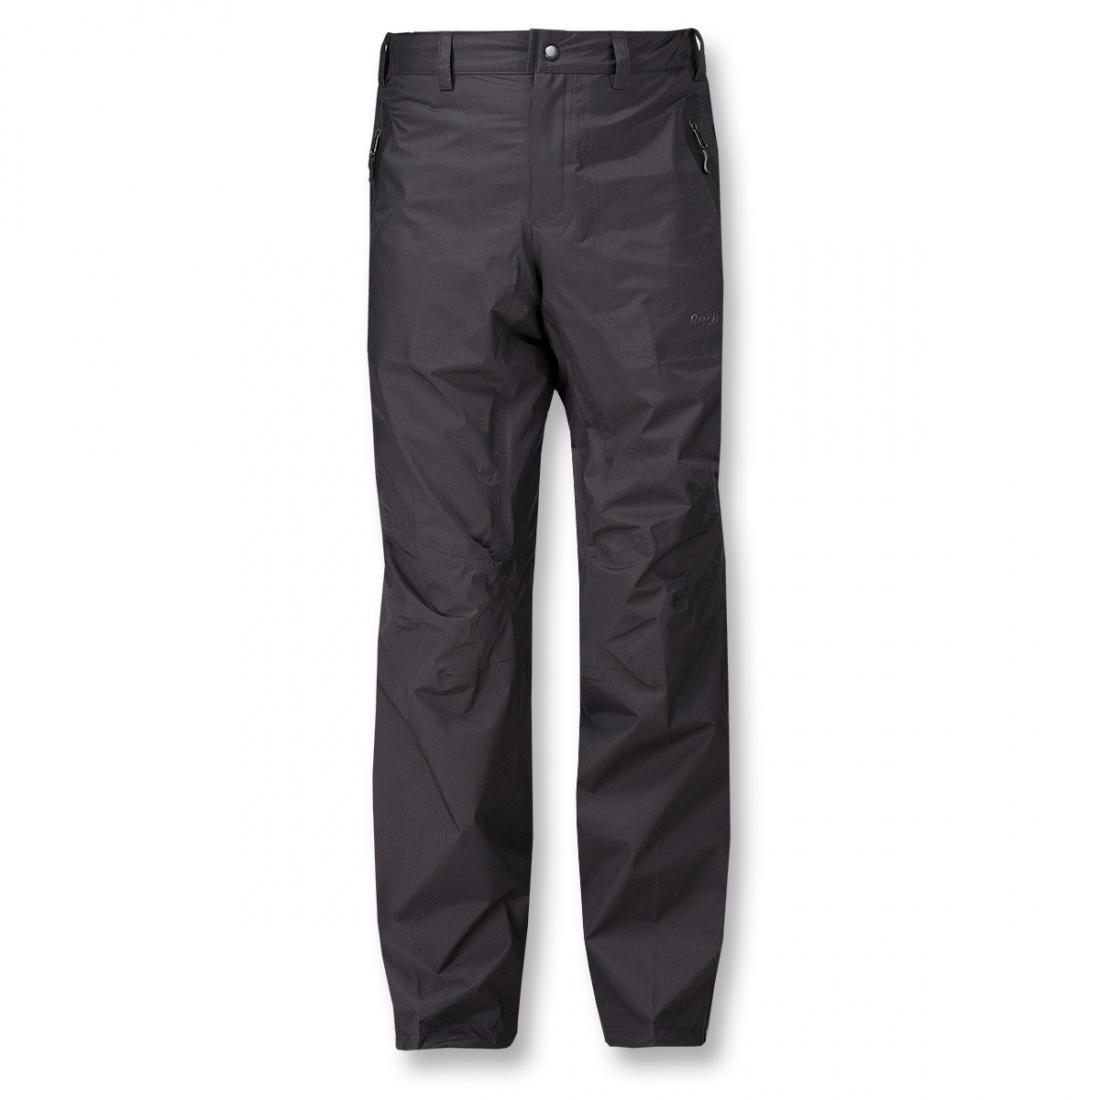 Брюки ветрозащитные Kara-Su 08Брюки, штаны<br>Очень легкие современные штормовые брюки Red Fox Kara-Su 08 из серии Nordic Style, помещающиеся даже в карман куртки, созданы в дополнение к куртке &lt;a href=/...<br><br>Цвет: Черный<br>Размер: 42